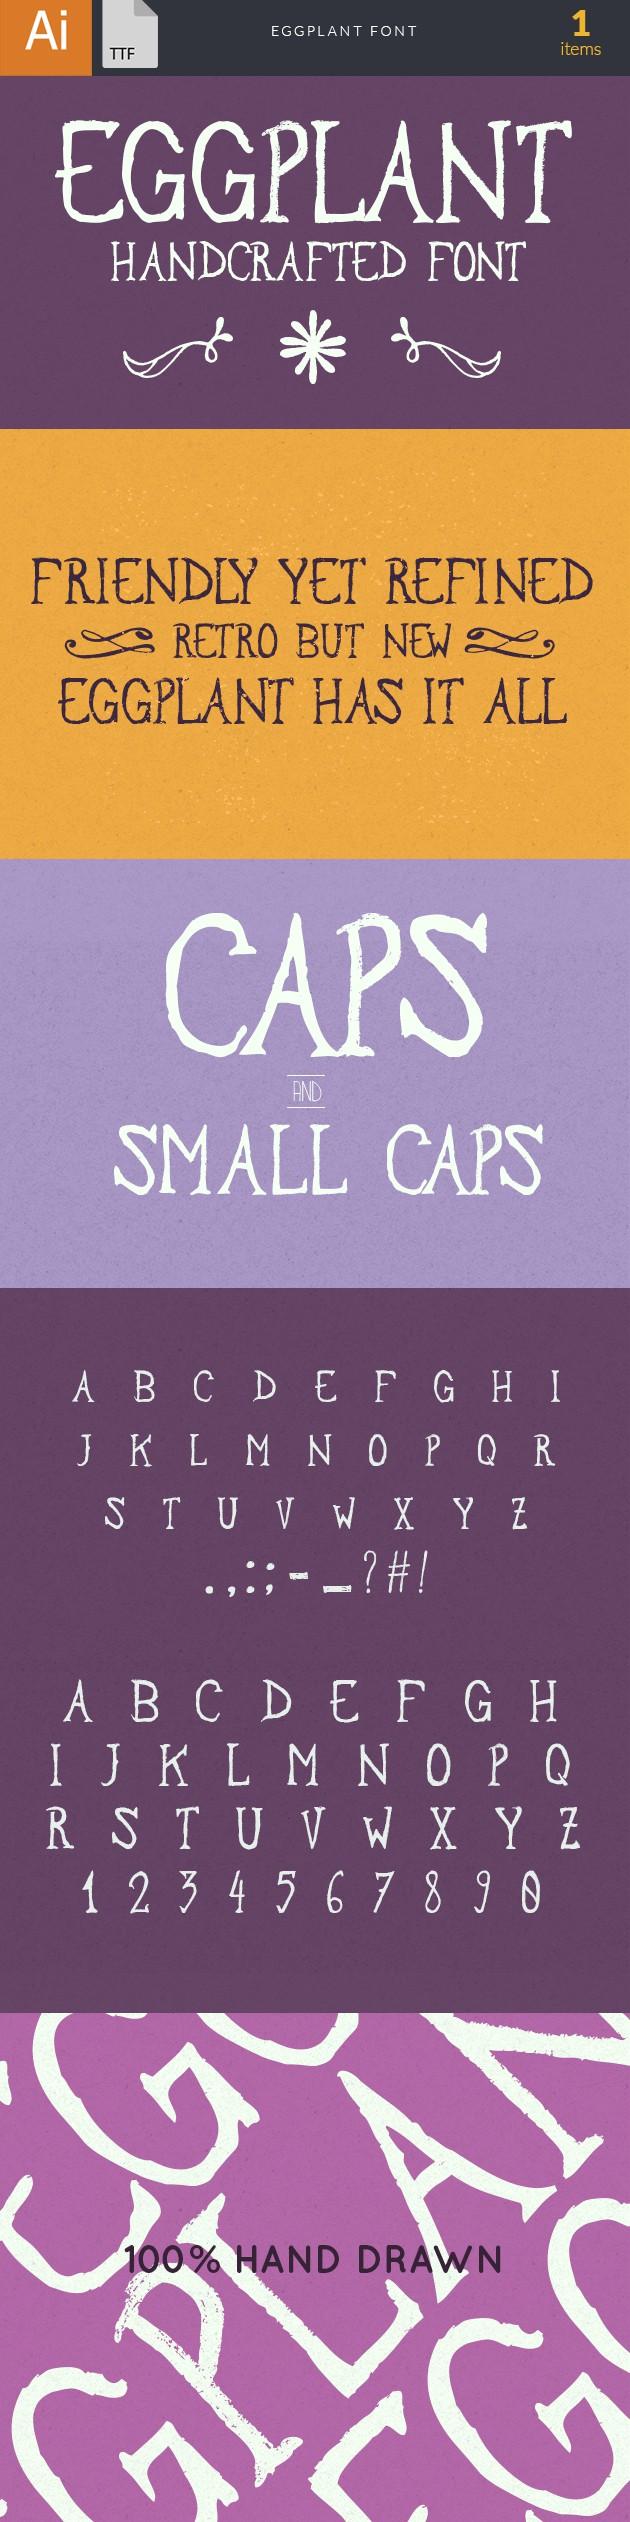 Eggplant Font fonts eggplant large